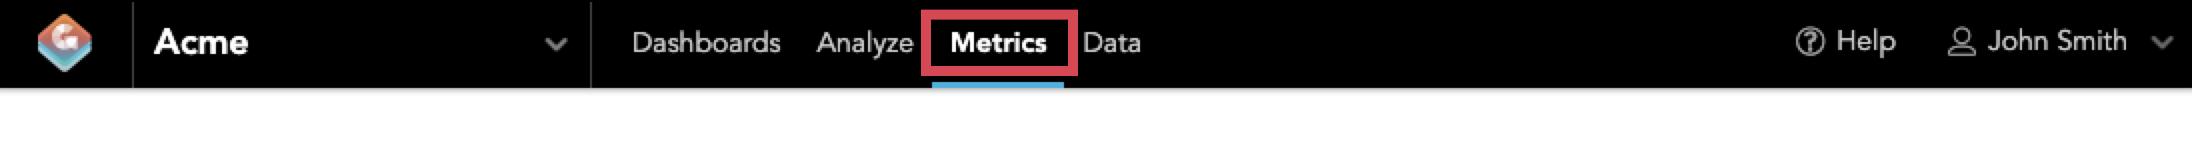 Metrics tab